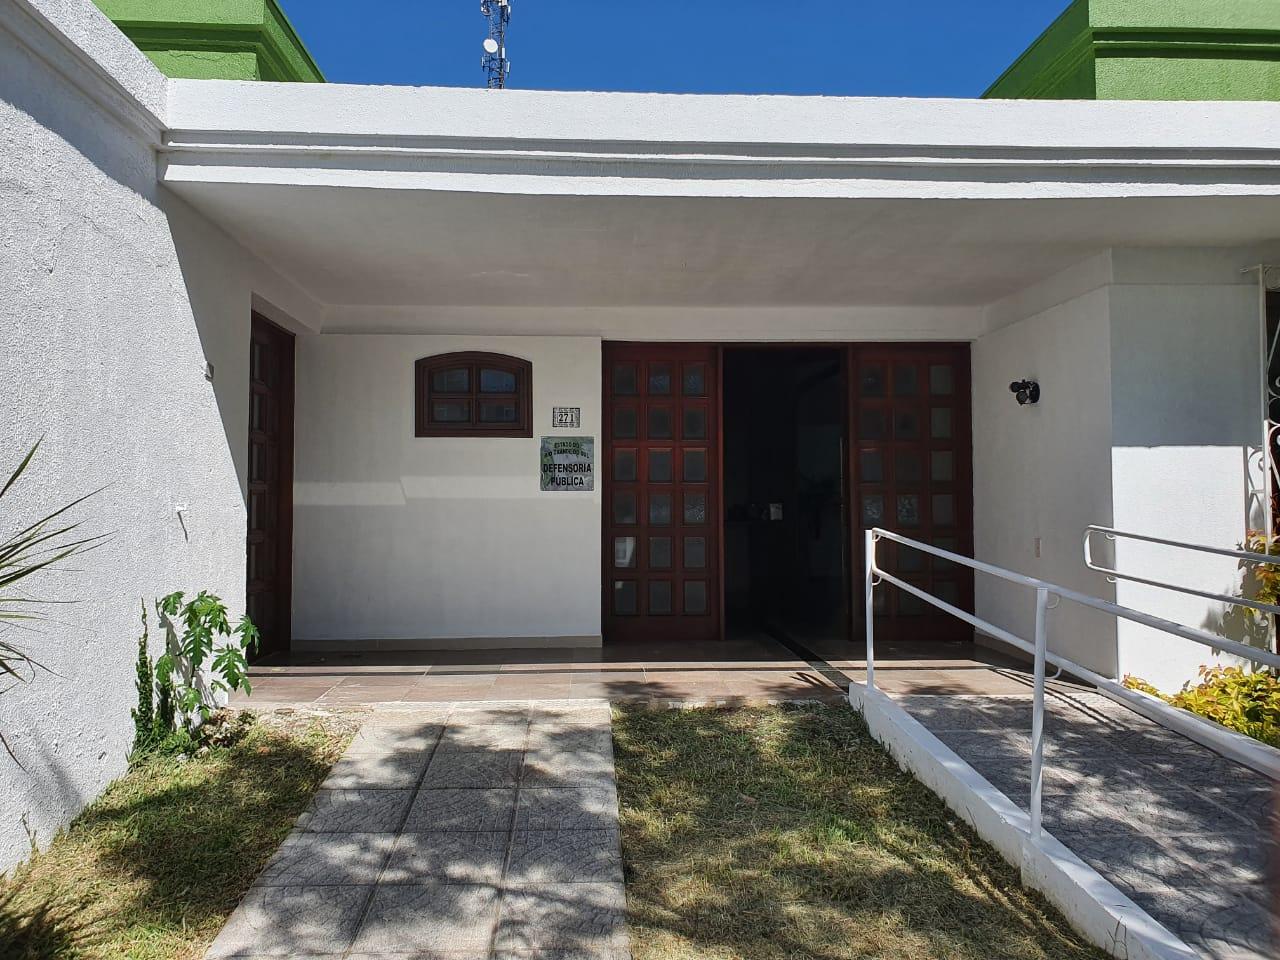 Defensoria Pública em novo endereço, mas atendimento segue remoto em Alegrete